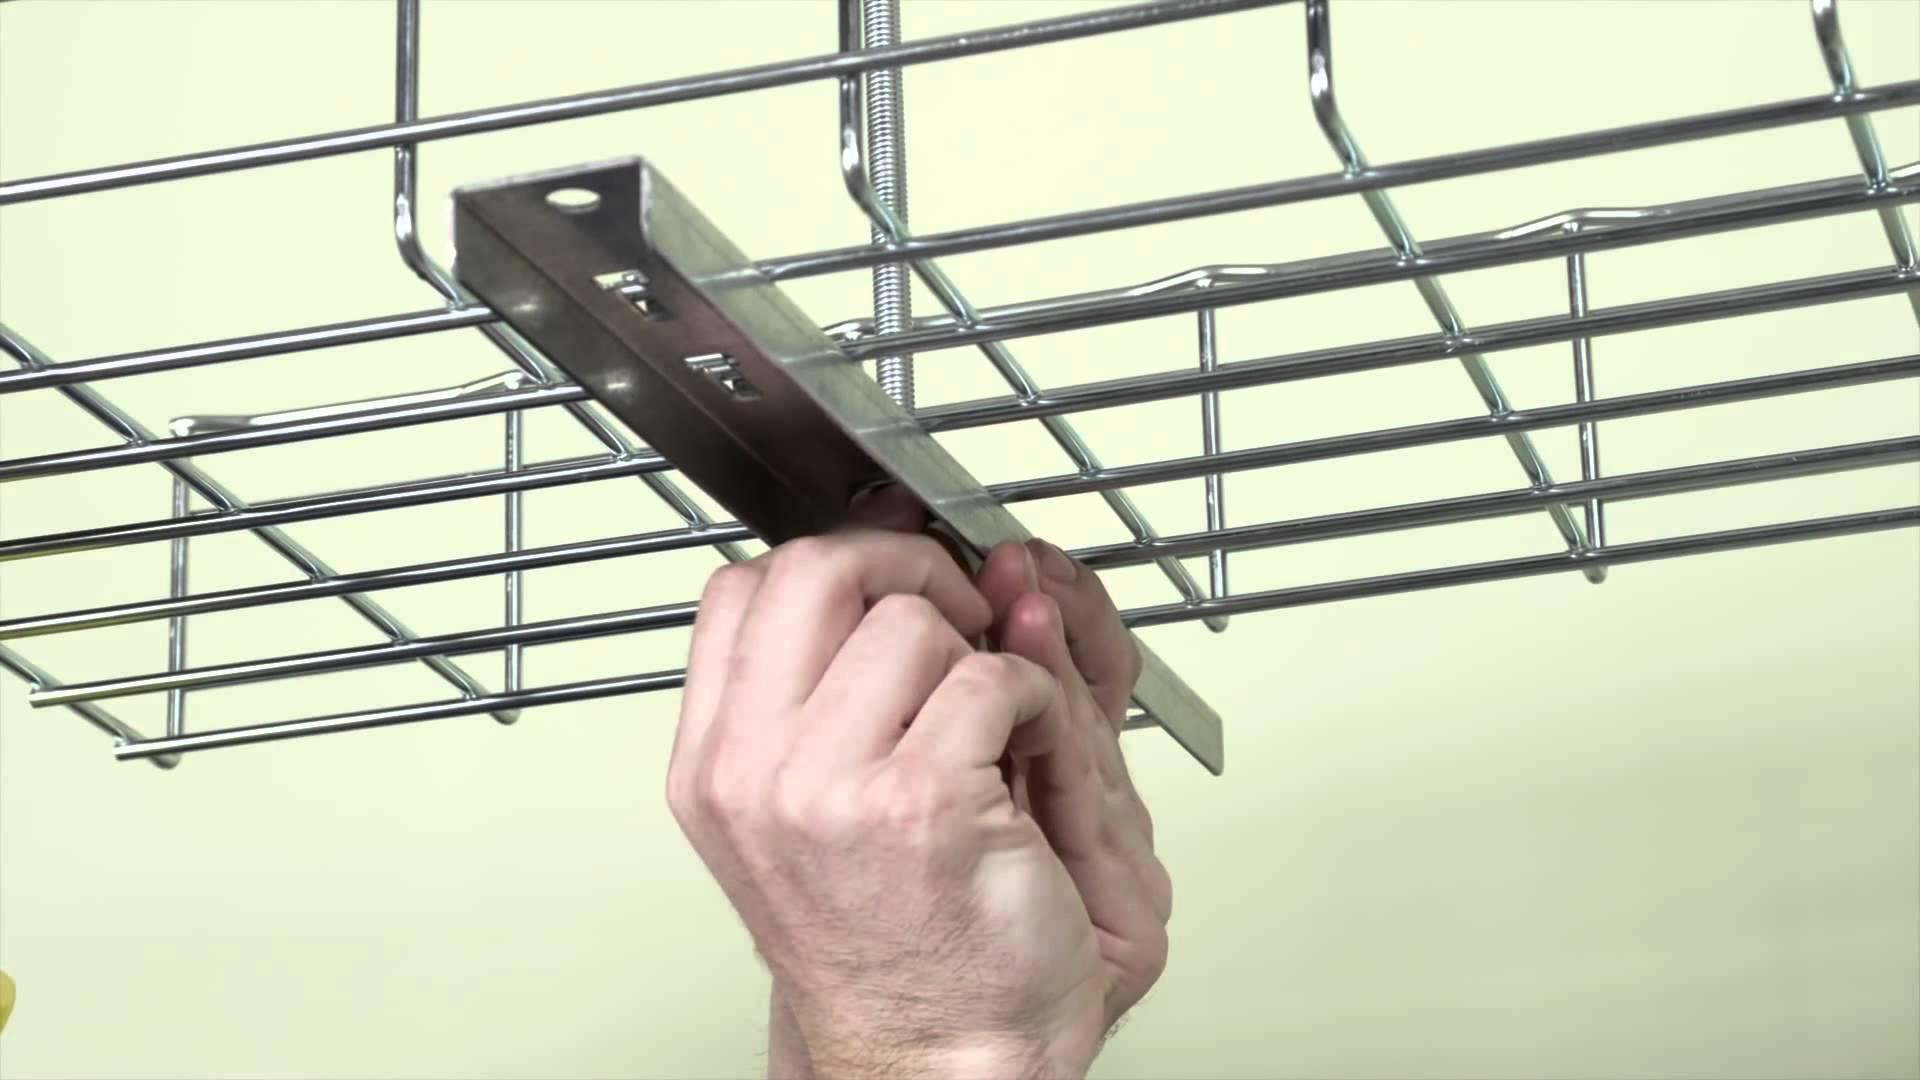 نکاتی ضروری درباره ی نصب صحیح سینی کابل